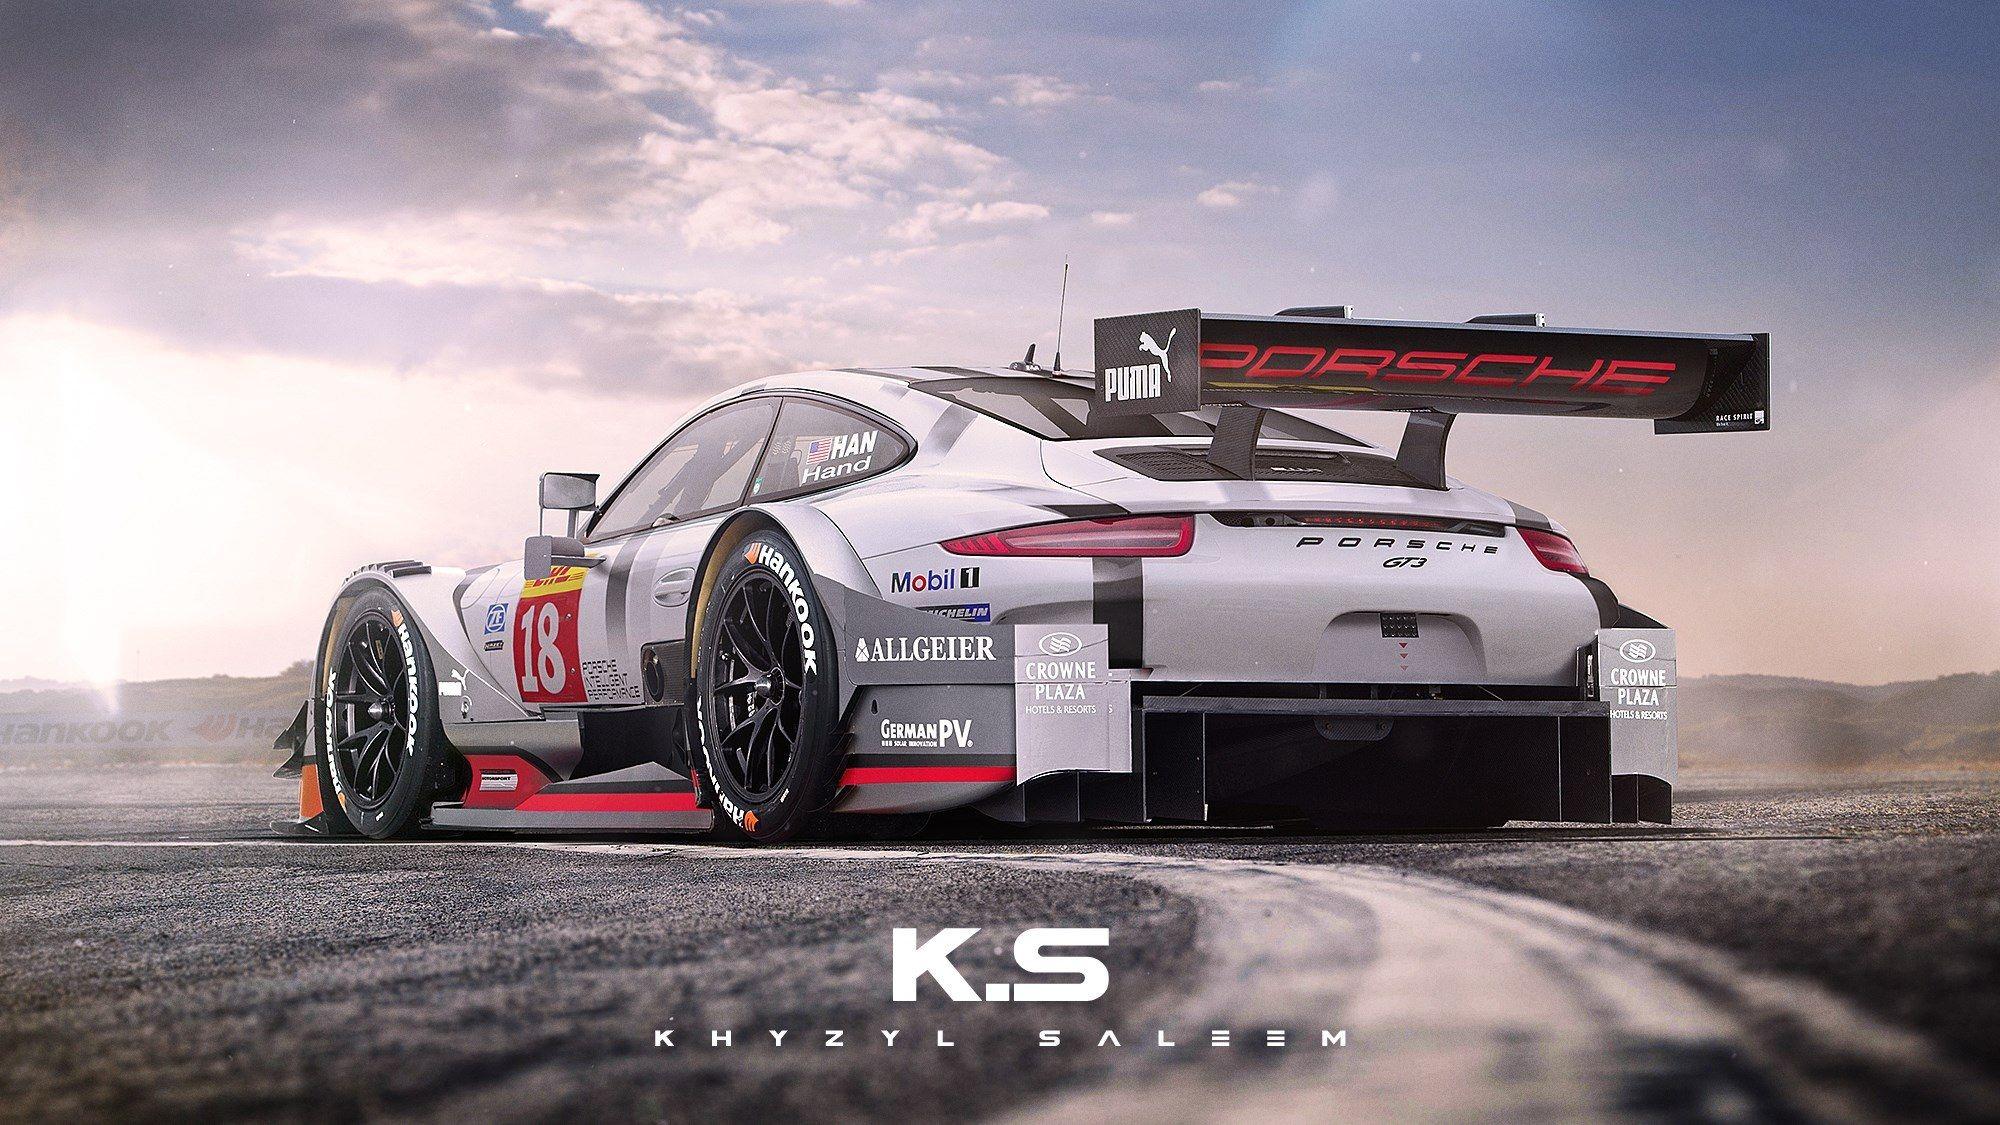 2017 Dtm Porsche Gt3 2000 1125 Porsche Car Wallpapers Porsche 911 Gt3